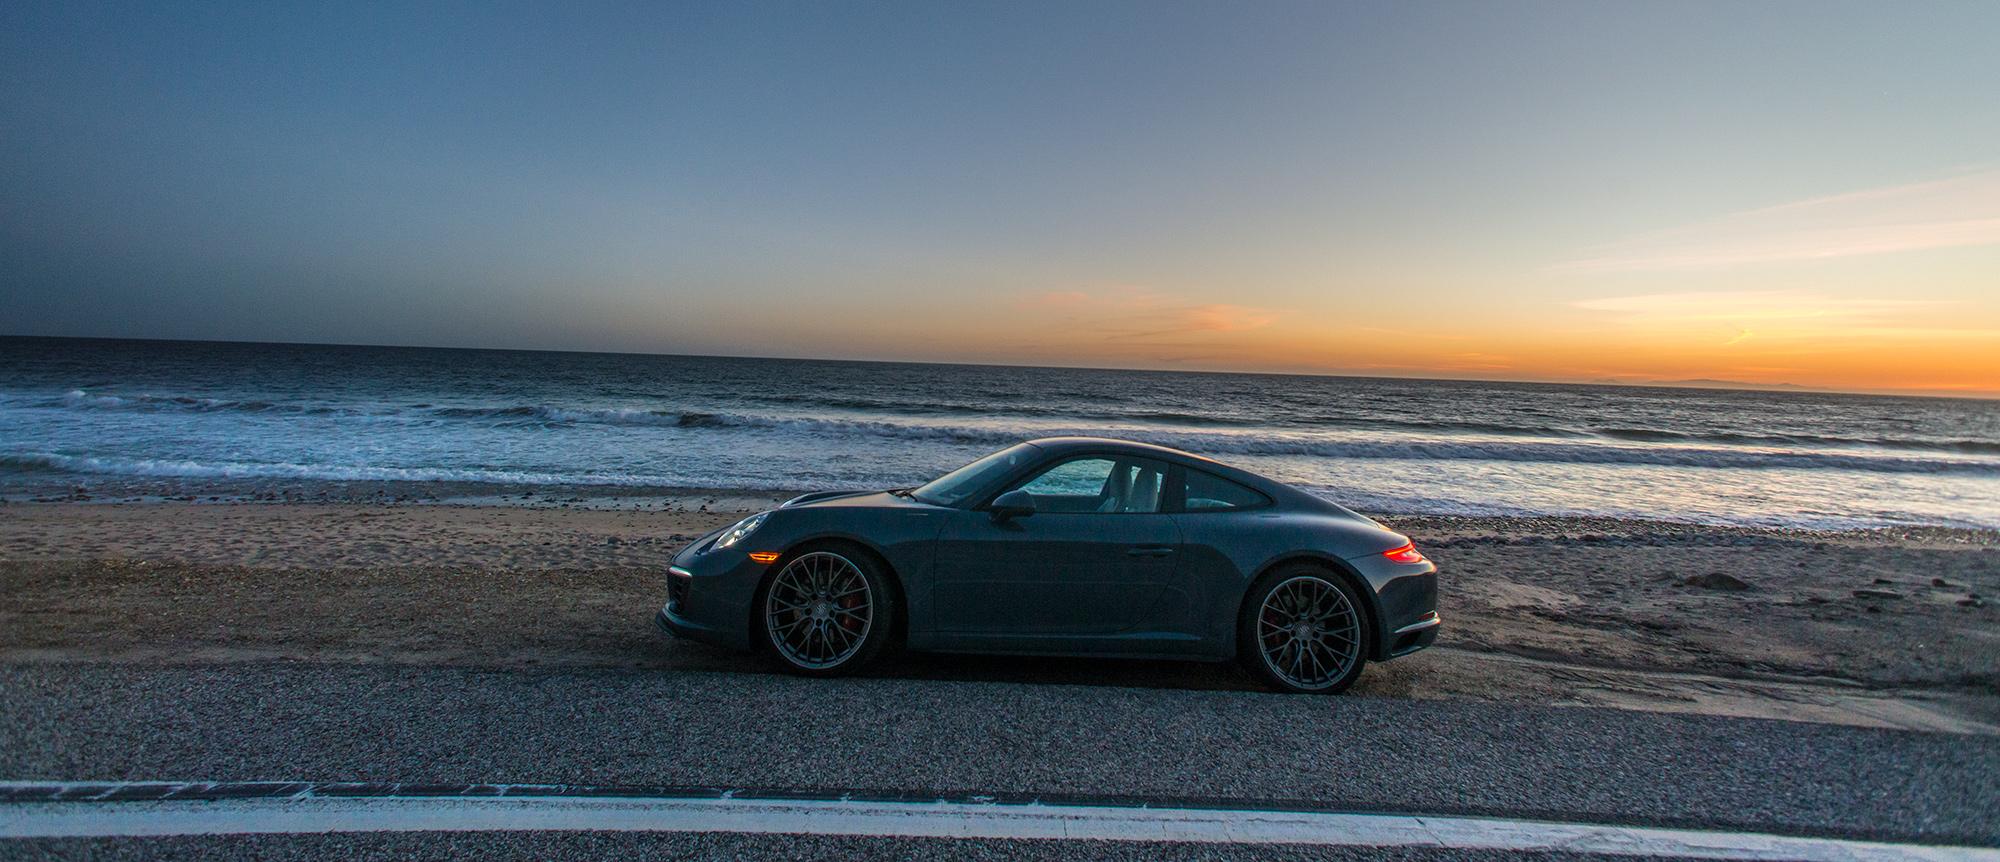 TrackWorthy - Toronto to LA - Porsche 911 C4S 991.2 - 022